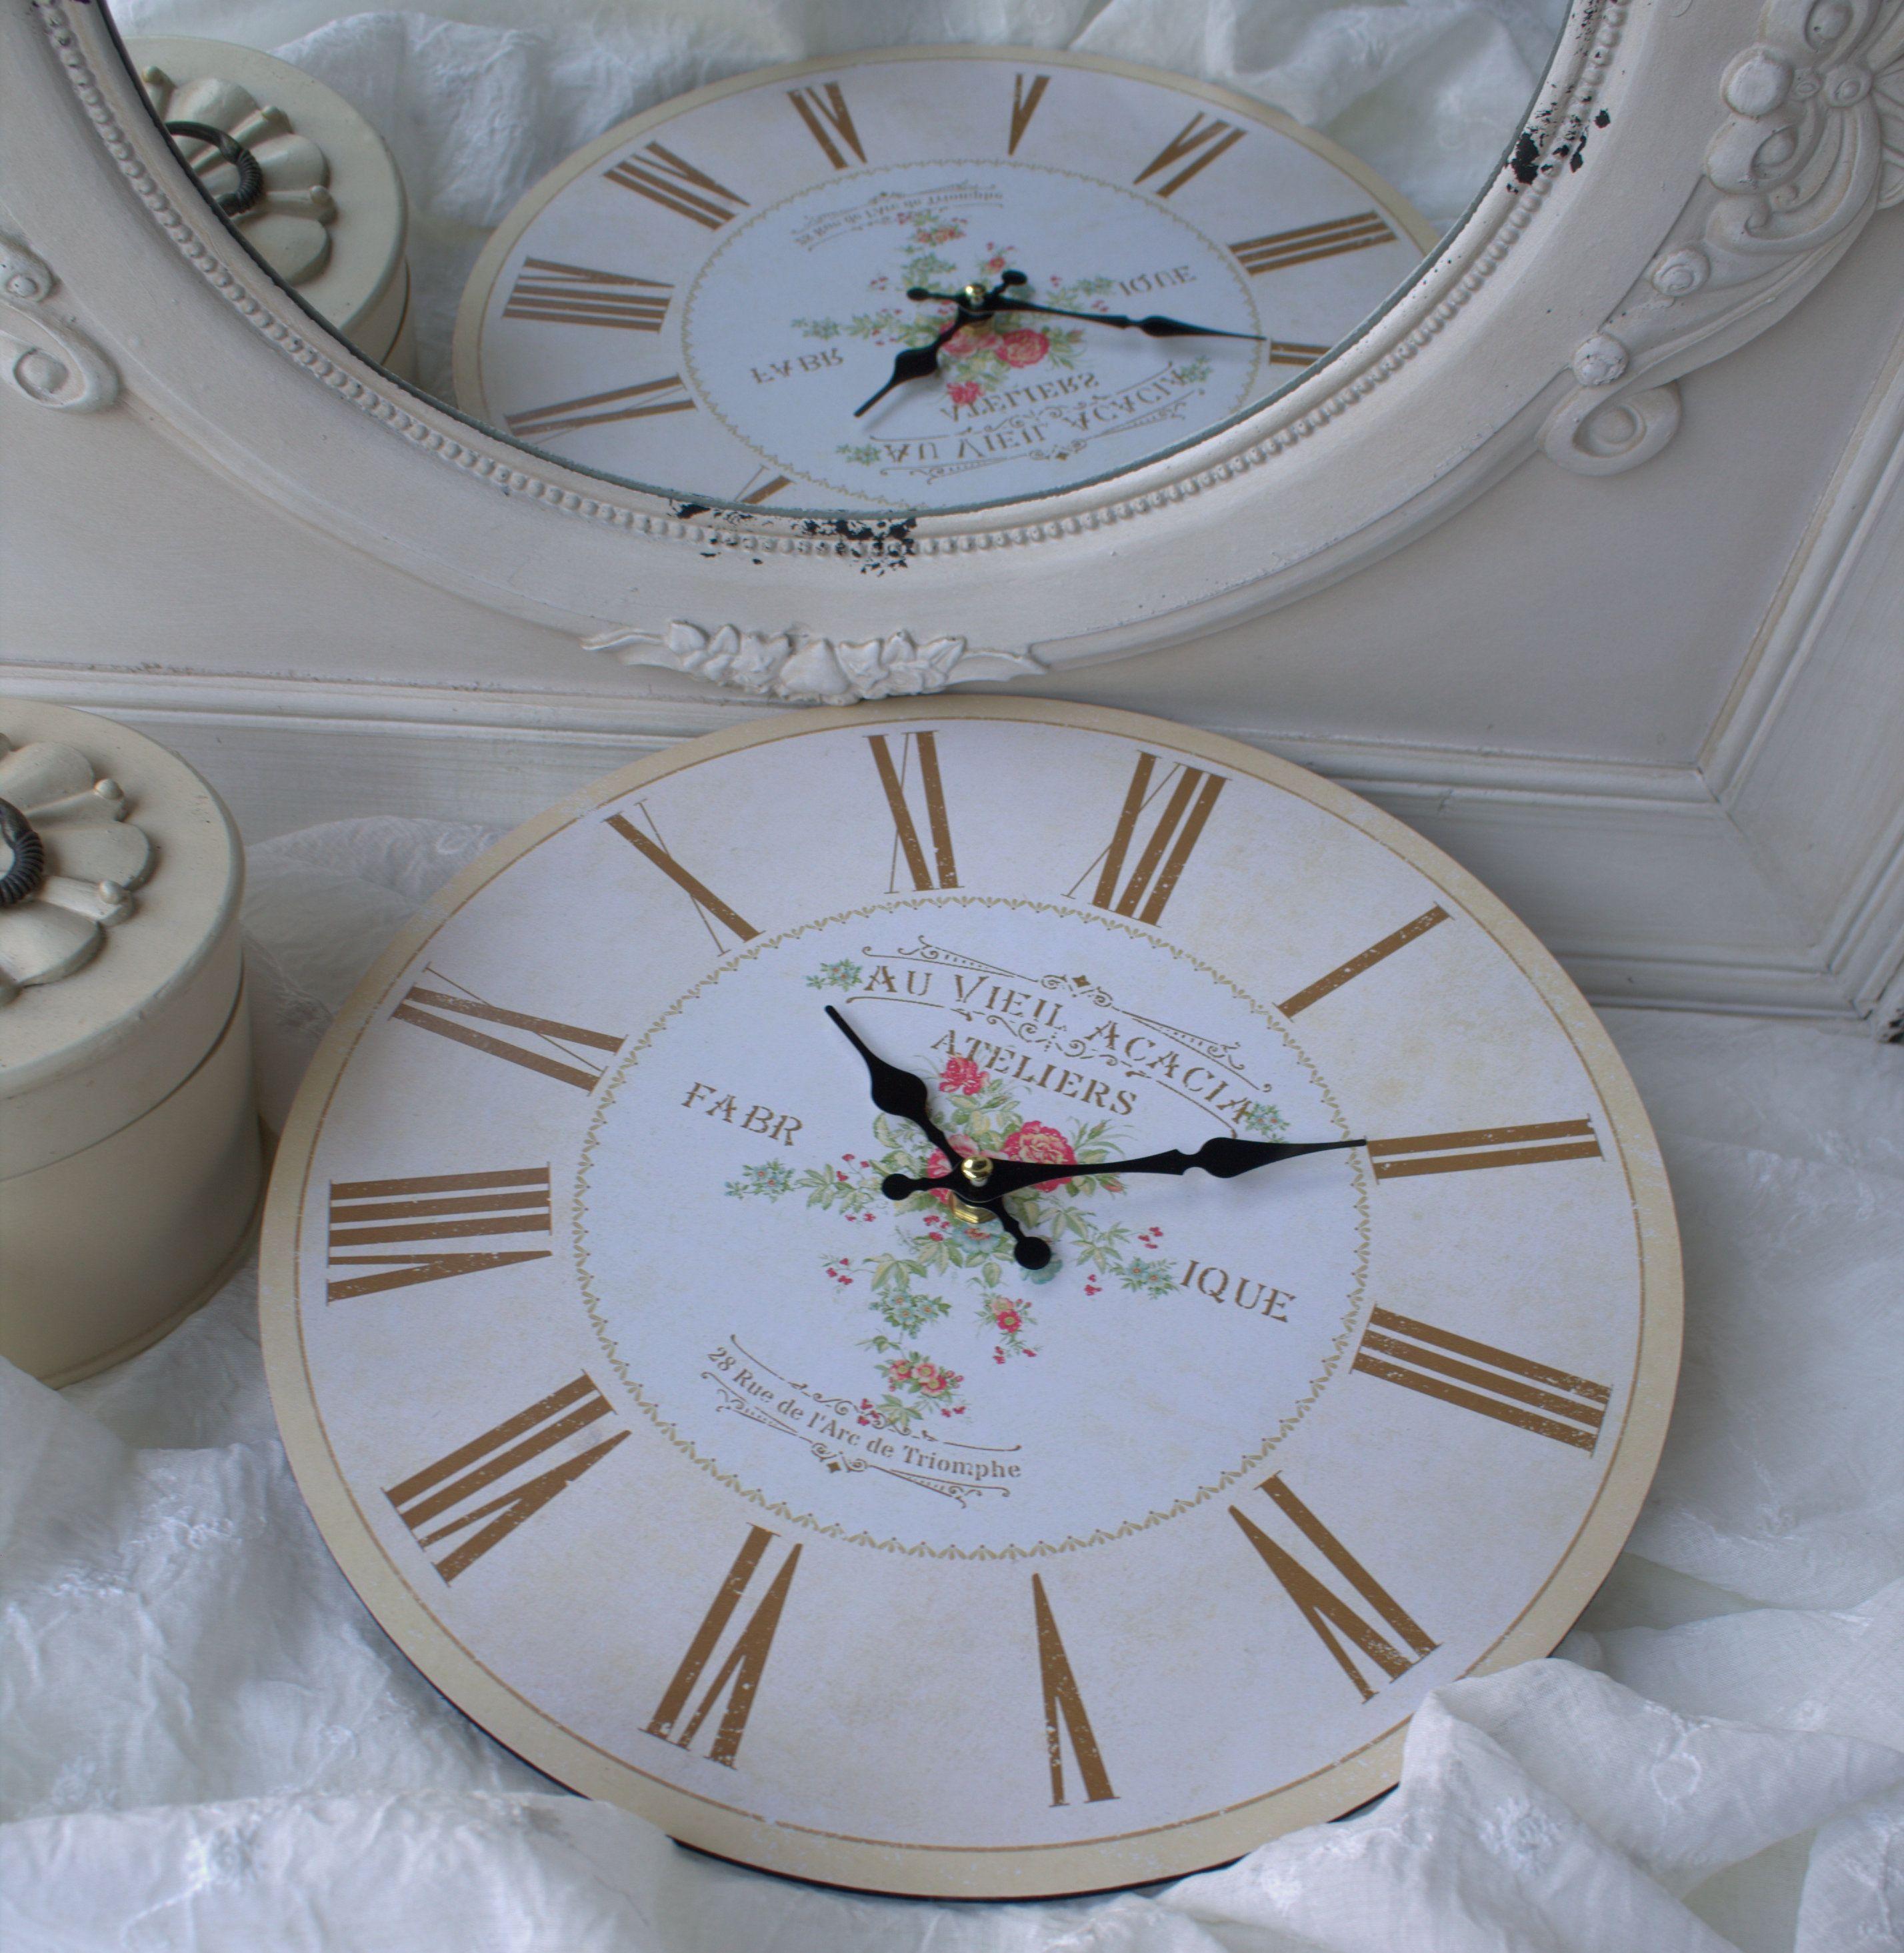 Wanduhr Acacia Uhr 34 Cm K Chenuhr Uhren Dekoration Zauberhafter Landhausstil Dekoration Kommode Dekoration Kommode Flur Dekoration Essz Wall Clock Decor Clock